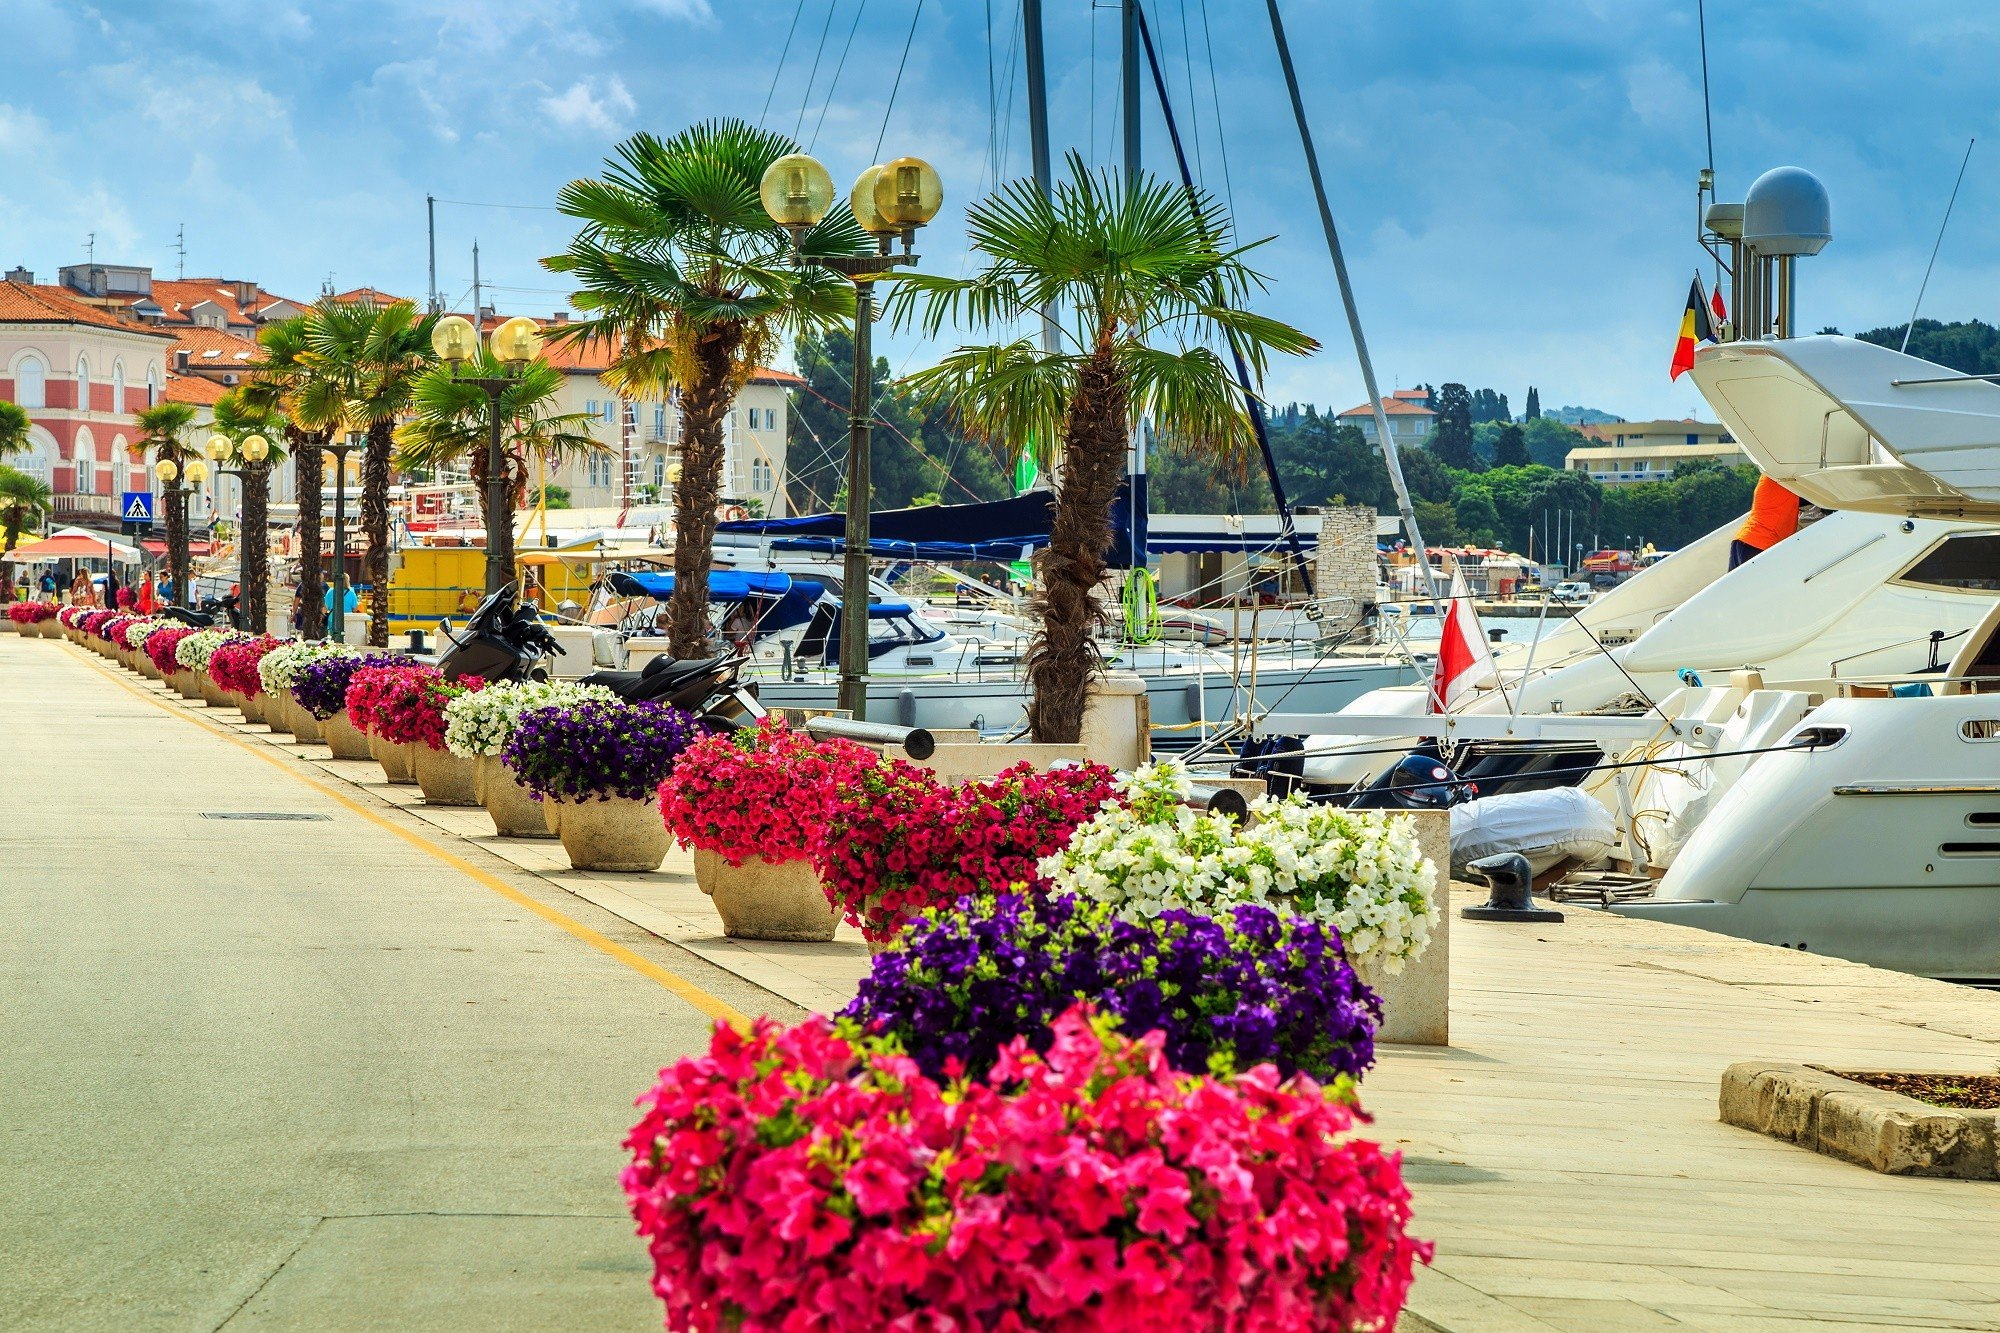 Maak een mooie individuele autorondreis door Kroatie en ontdek de Plitvice Meren en Premantura